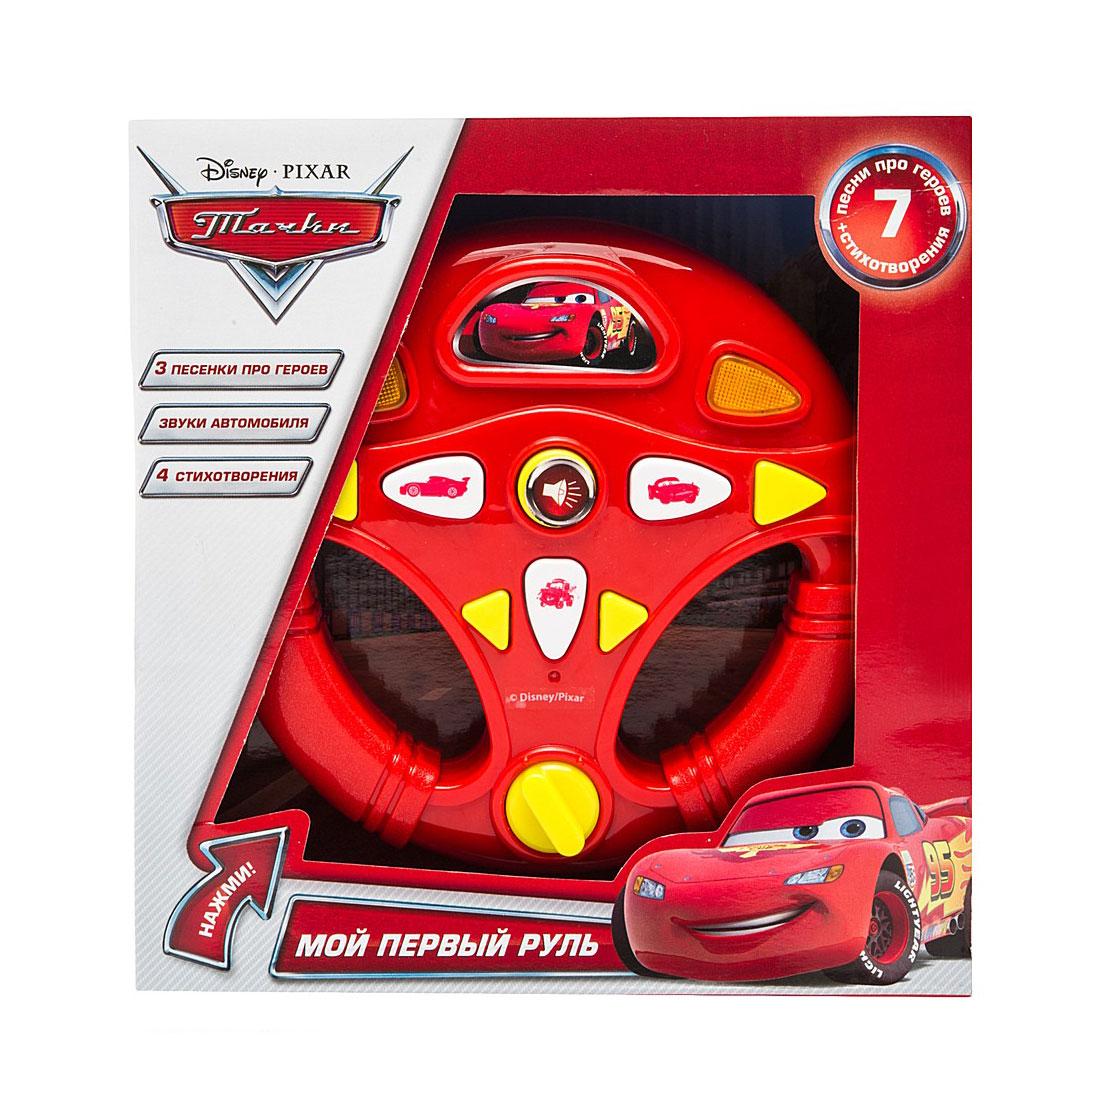 Развивающая игрушка Умка Мой первый руль Тачки Disney 3 песни и 4 стихотворения